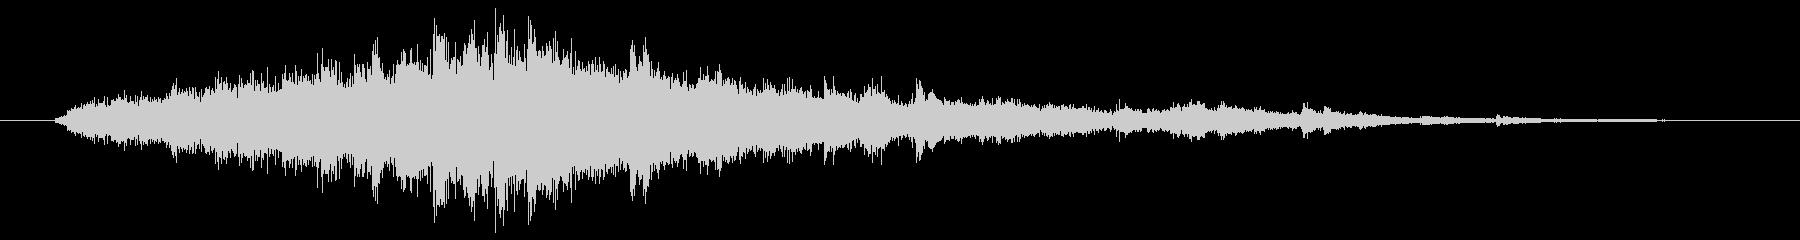 キラキラ音(変身、思いつき、回復)   の未再生の波形